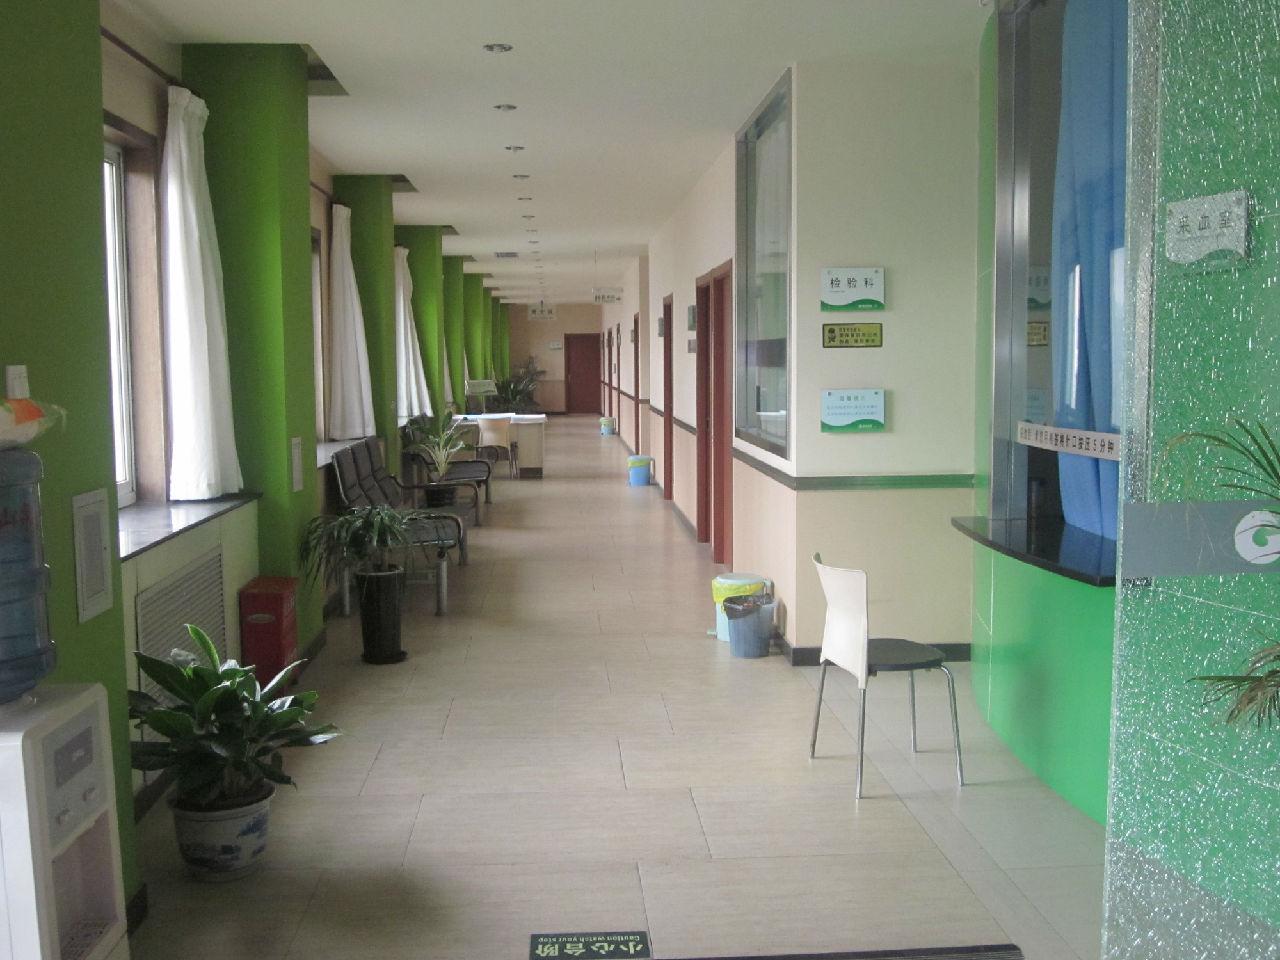 现代阳光健康体检连锁机构 丰台体检中心 高清图片